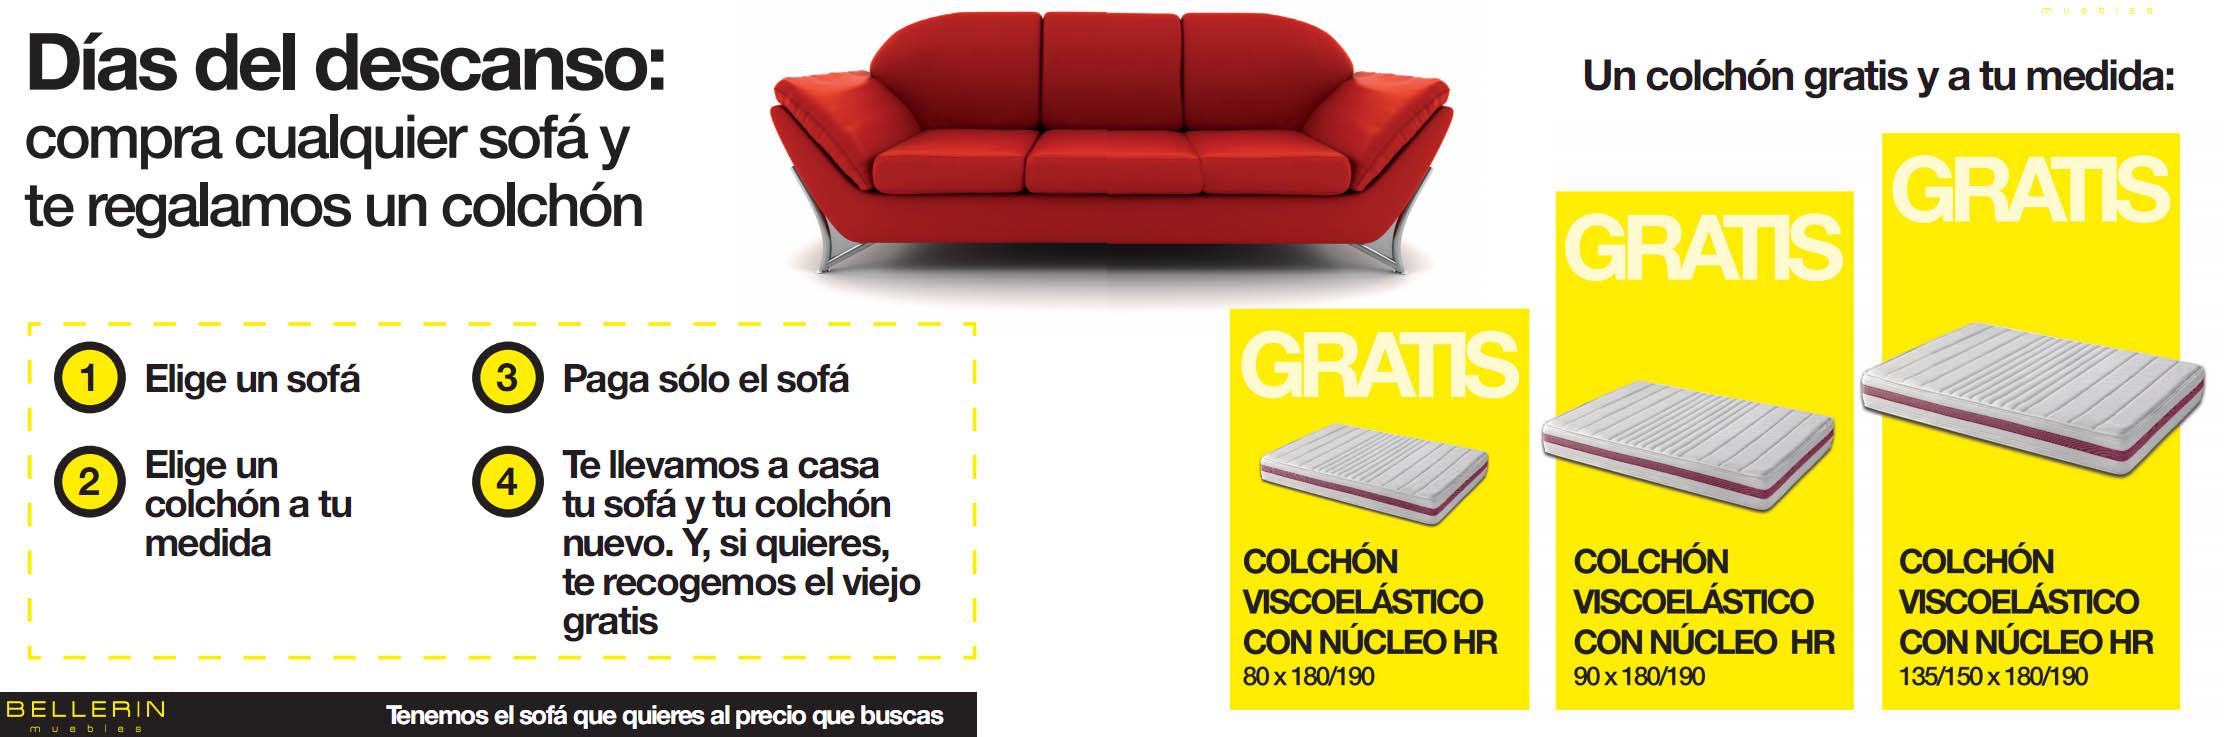 Campa as publicidad el blog de c cero publicidad - Bellerin muebles ...